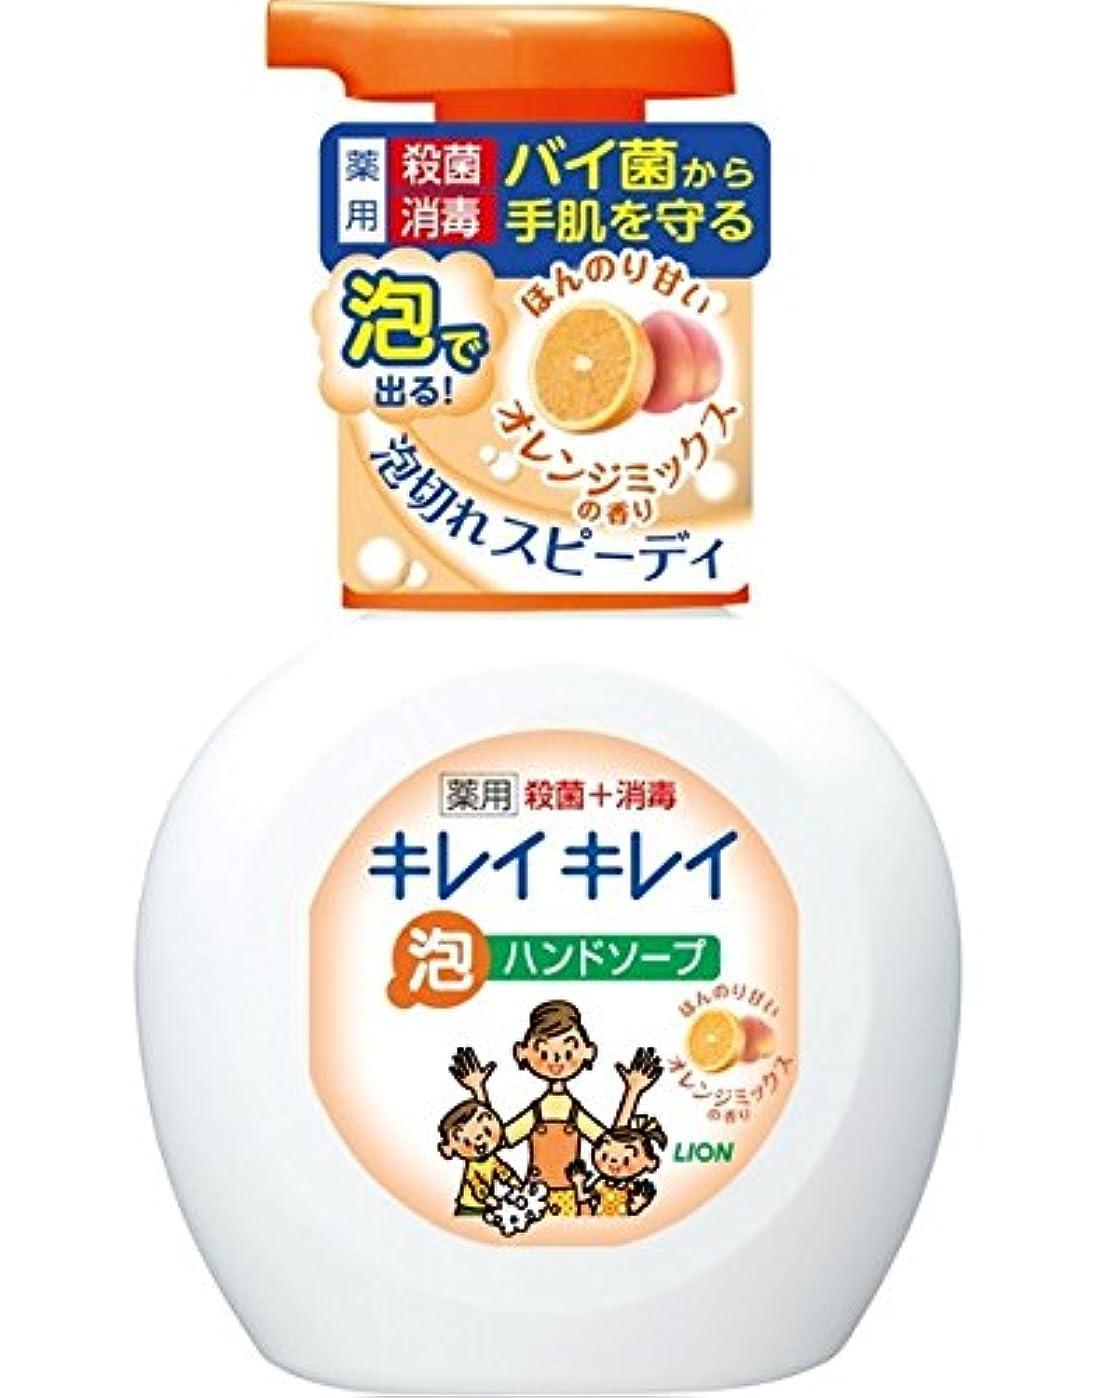 遠足ズボン覚えているキレイキレイ薬用泡ハンドソープオレンジミックスの香りポンプ250mL